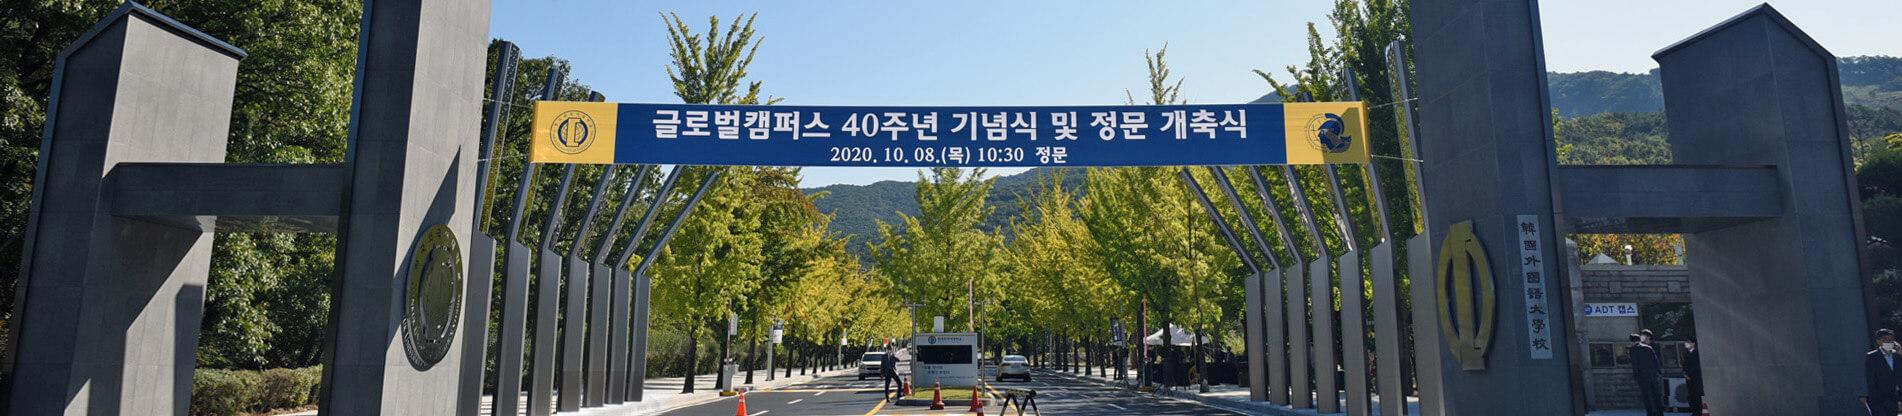 글로벌캠퍼스 40주년 기념식 및 정문 개축식 개최